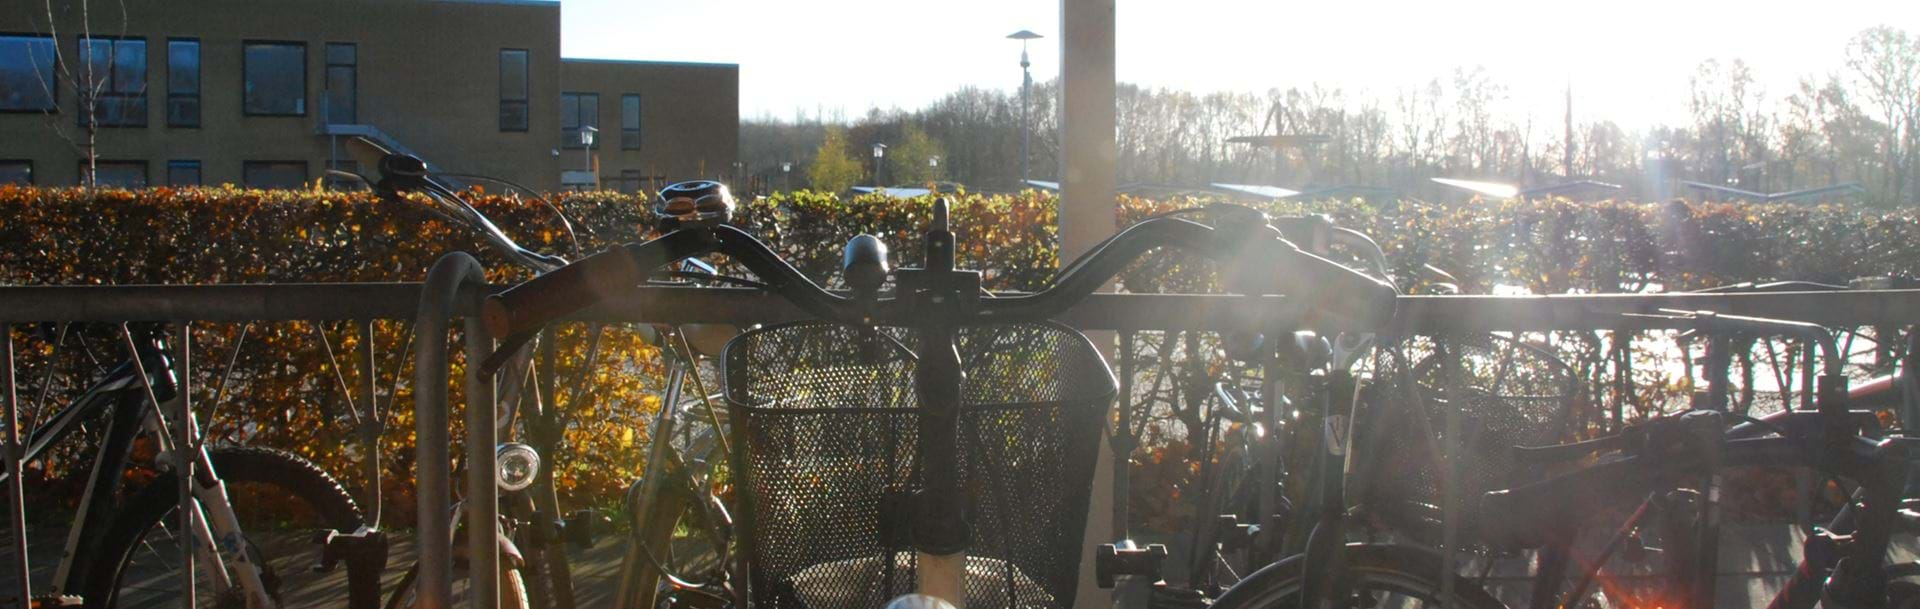 Cykelstativ fyldt med cykler